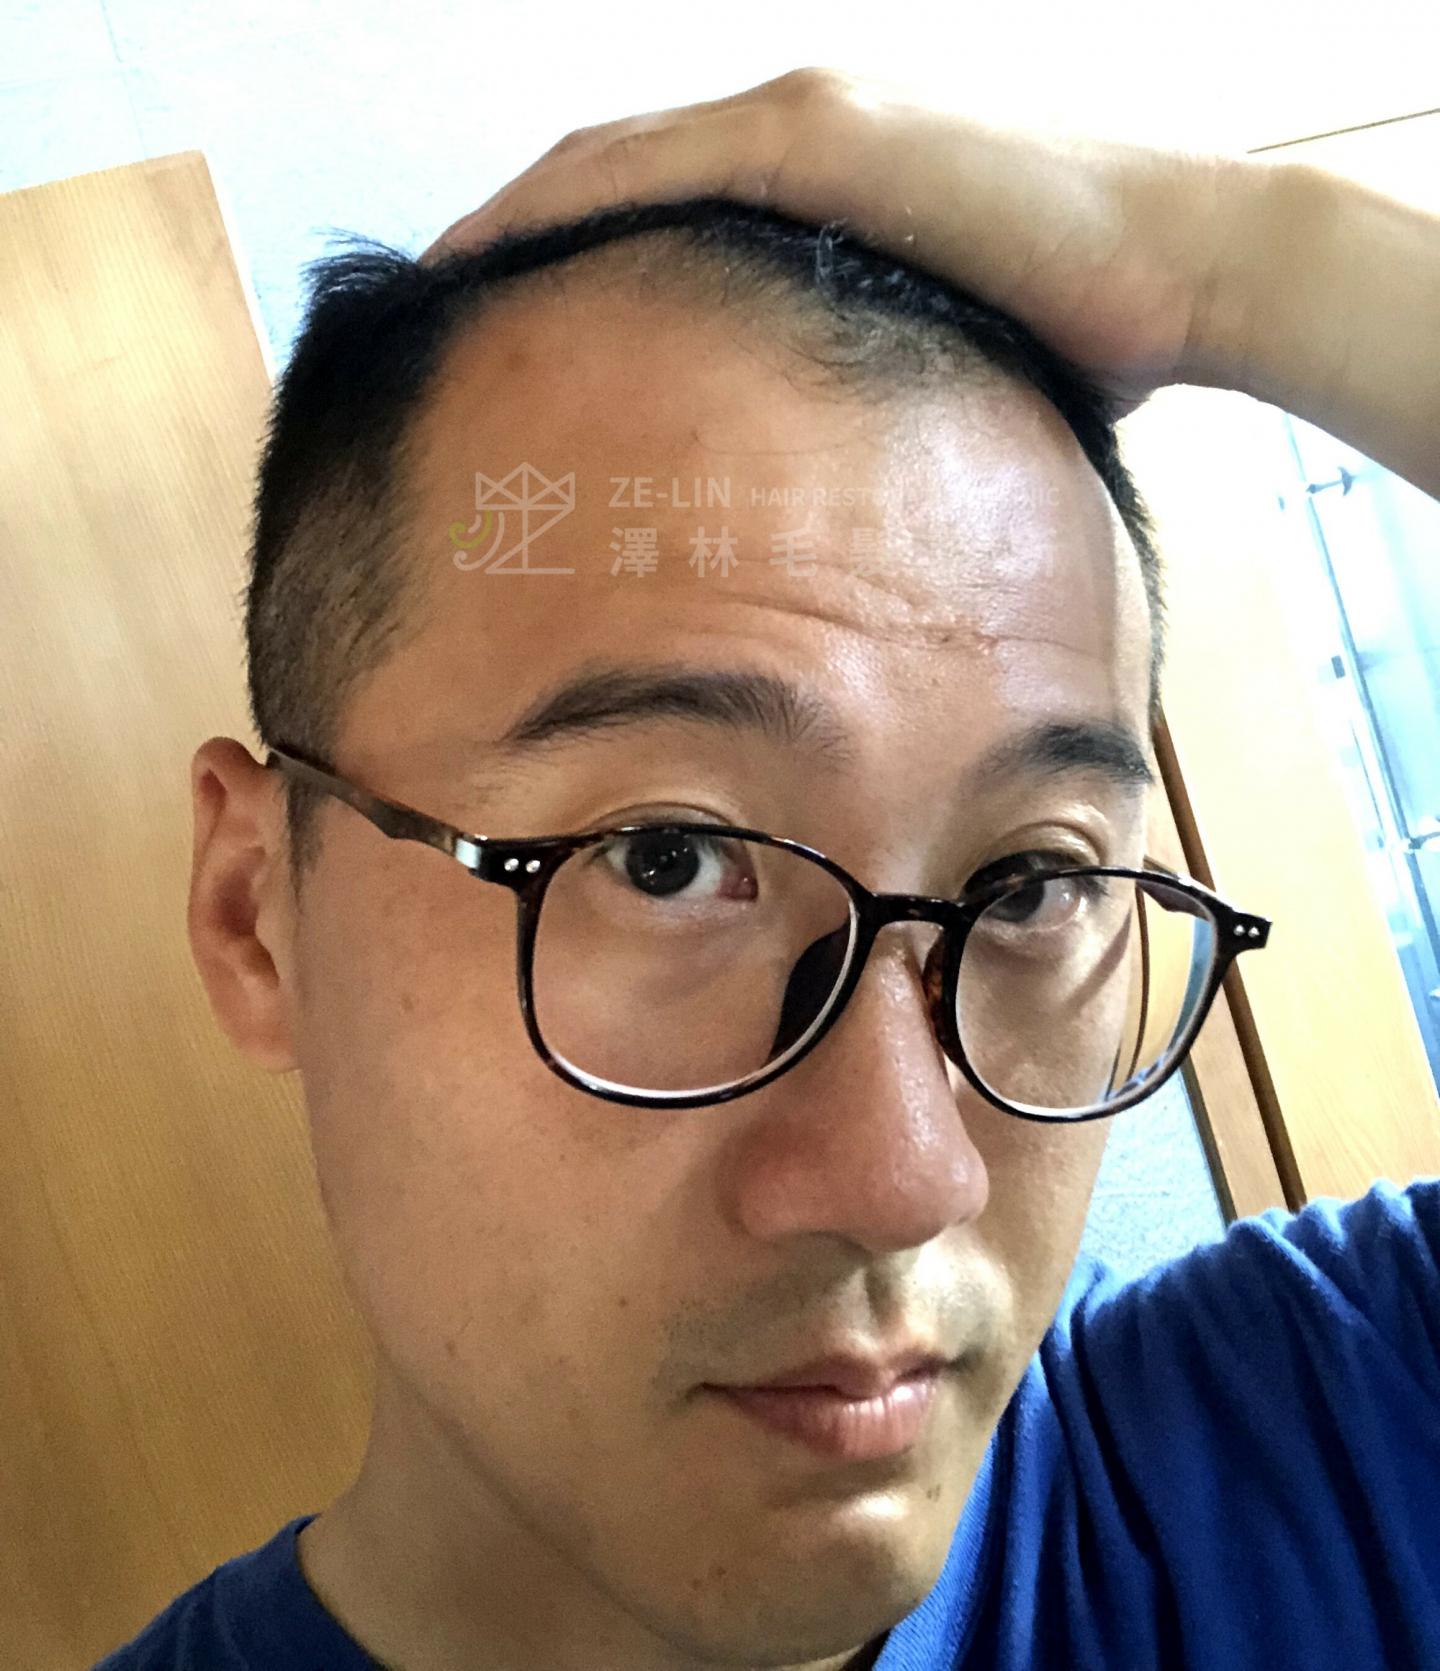 M型禿植髮案例:術前髮際線